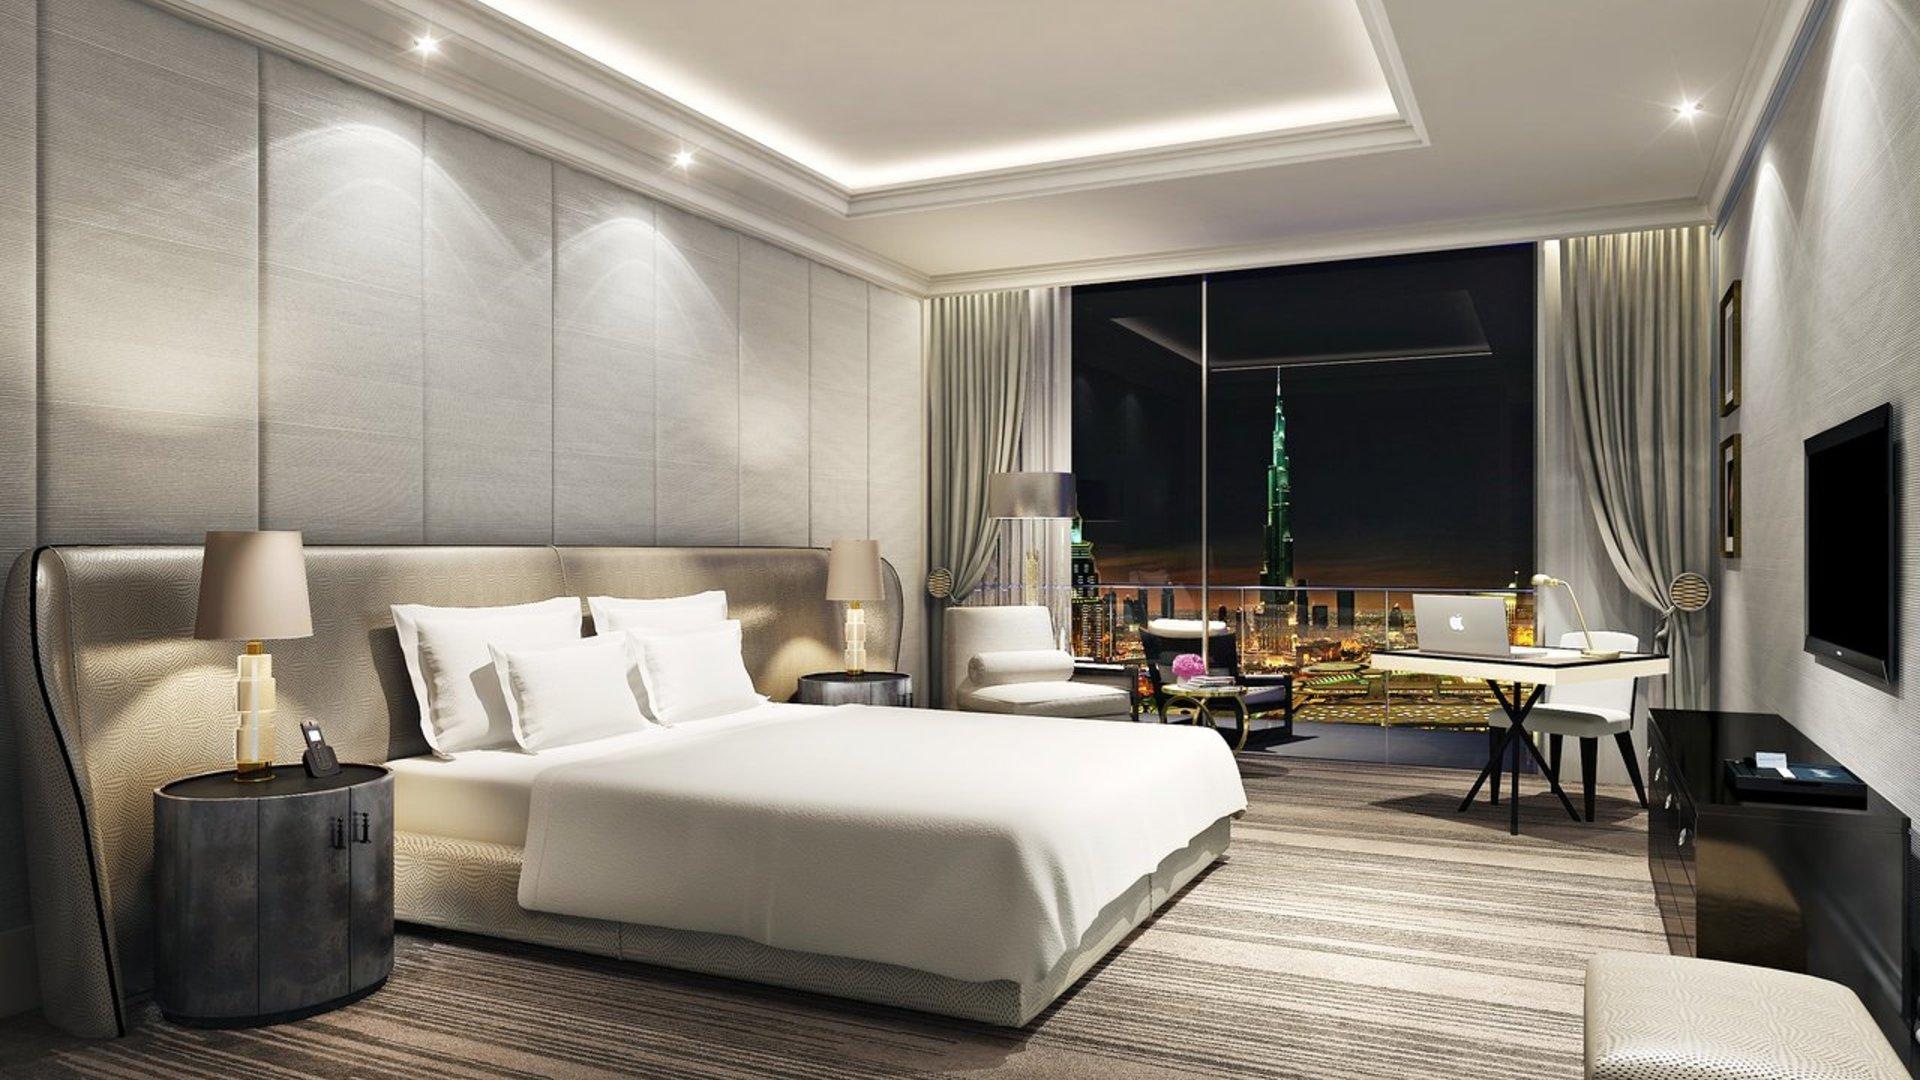 Apartamento en venta en Dubai, EAU, 1 dormitorio, 78 m2, № 24089 – foto 1